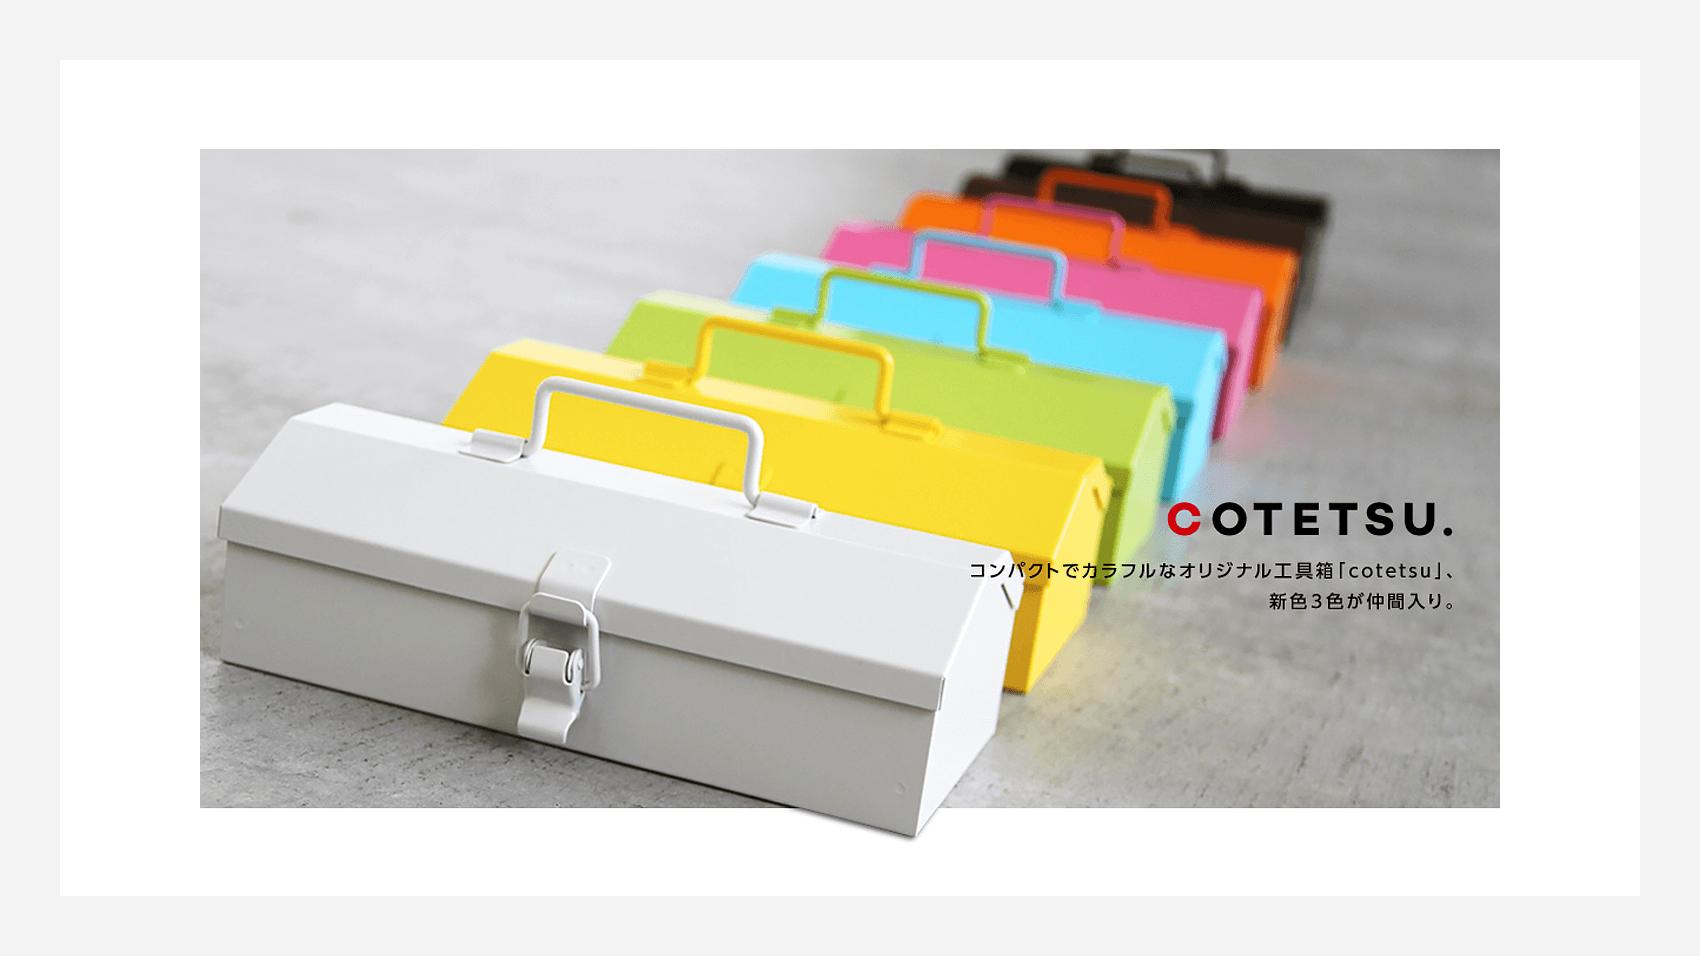 オリジナル工具箱cotetsu